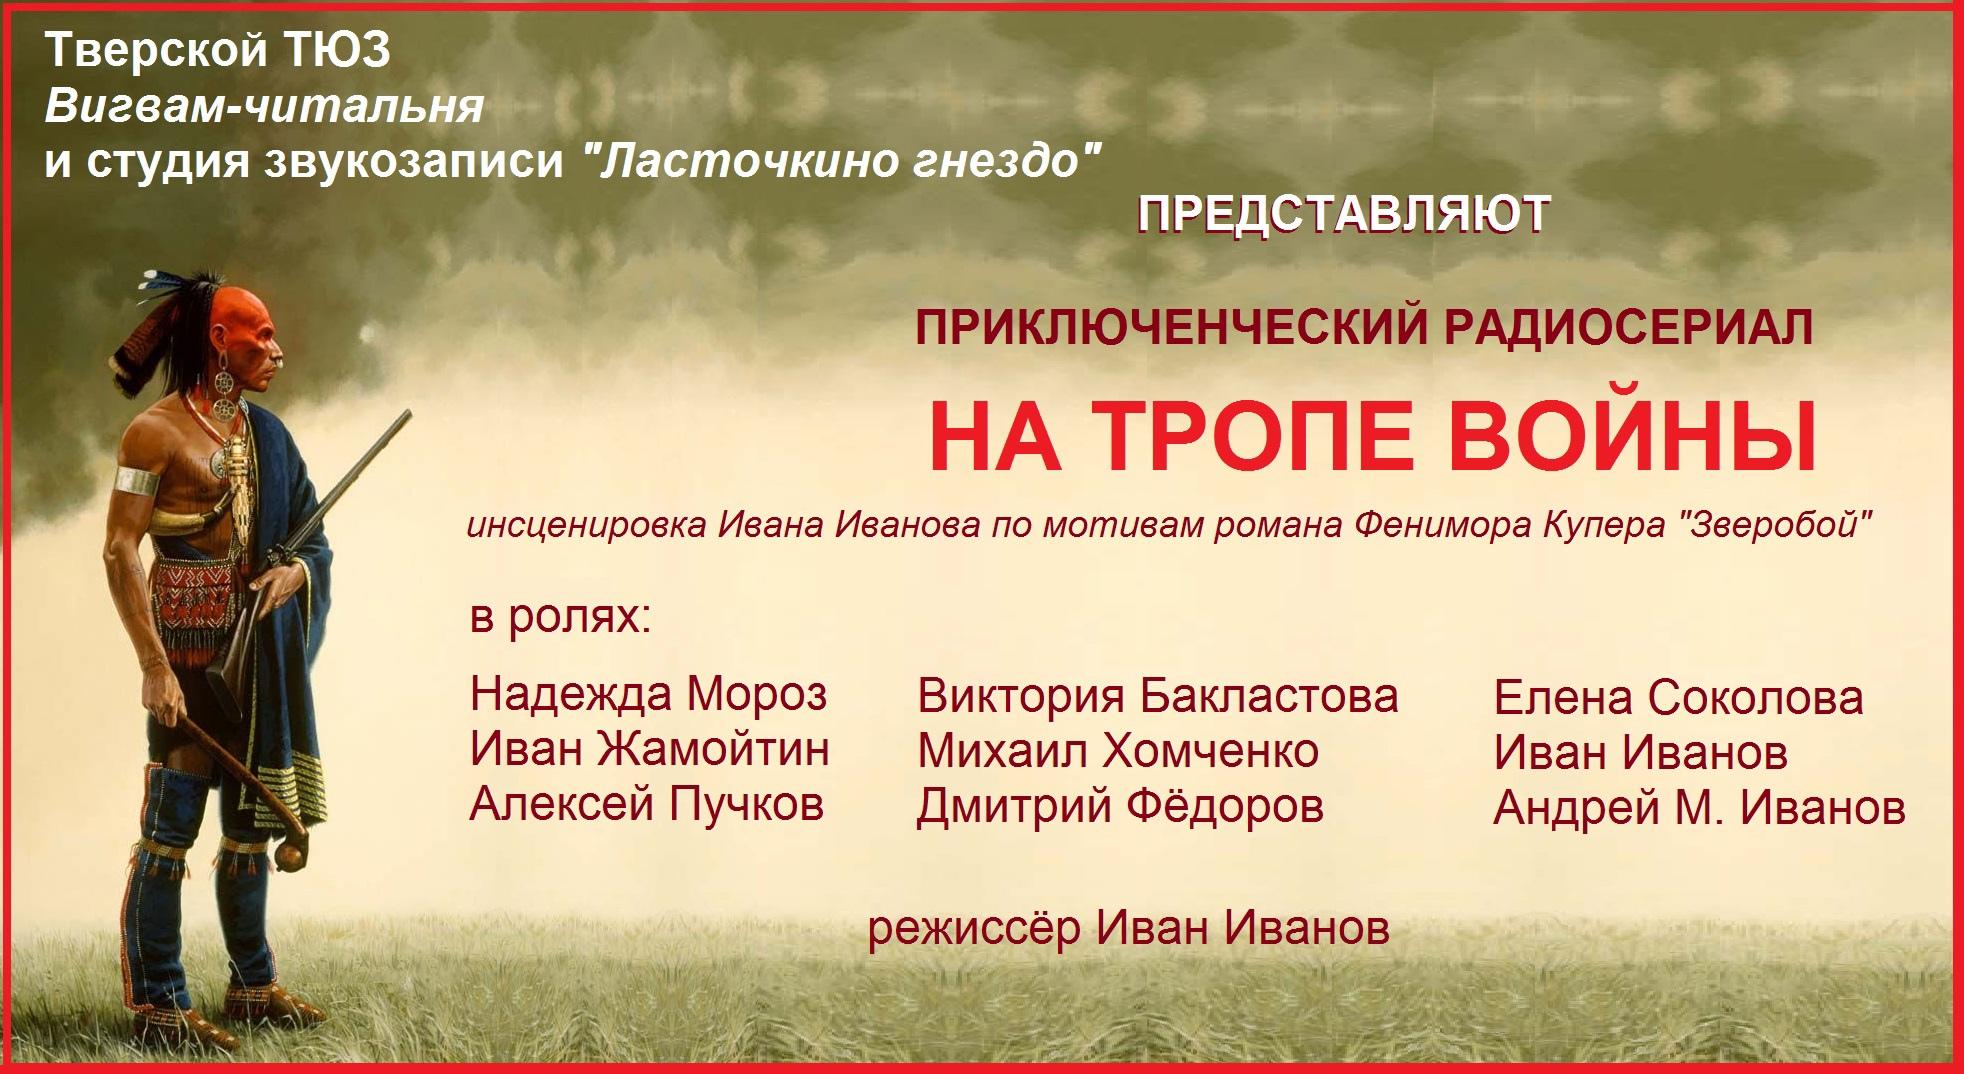 Тверской ТЮЗ запустит уникальный радиосериал